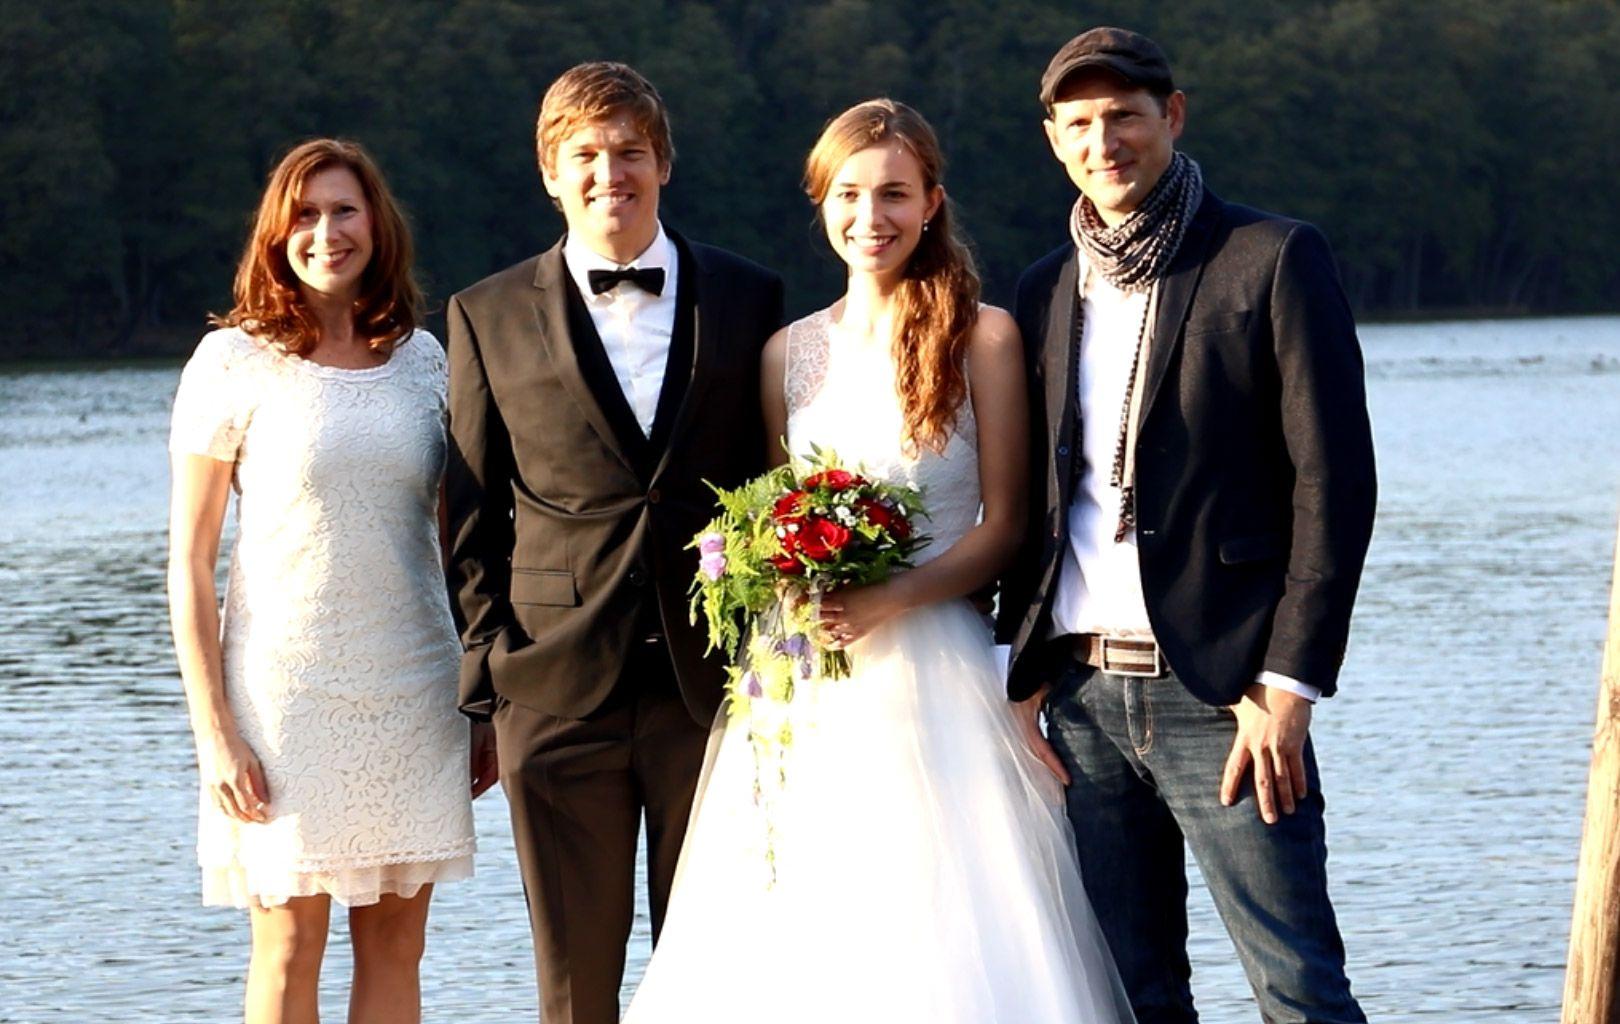 Pin Von Diana Moller Auf Hochzeitssanger Hochzeitssangerin 2weisam Christina Perri Xavier Naidoo Hochzeit